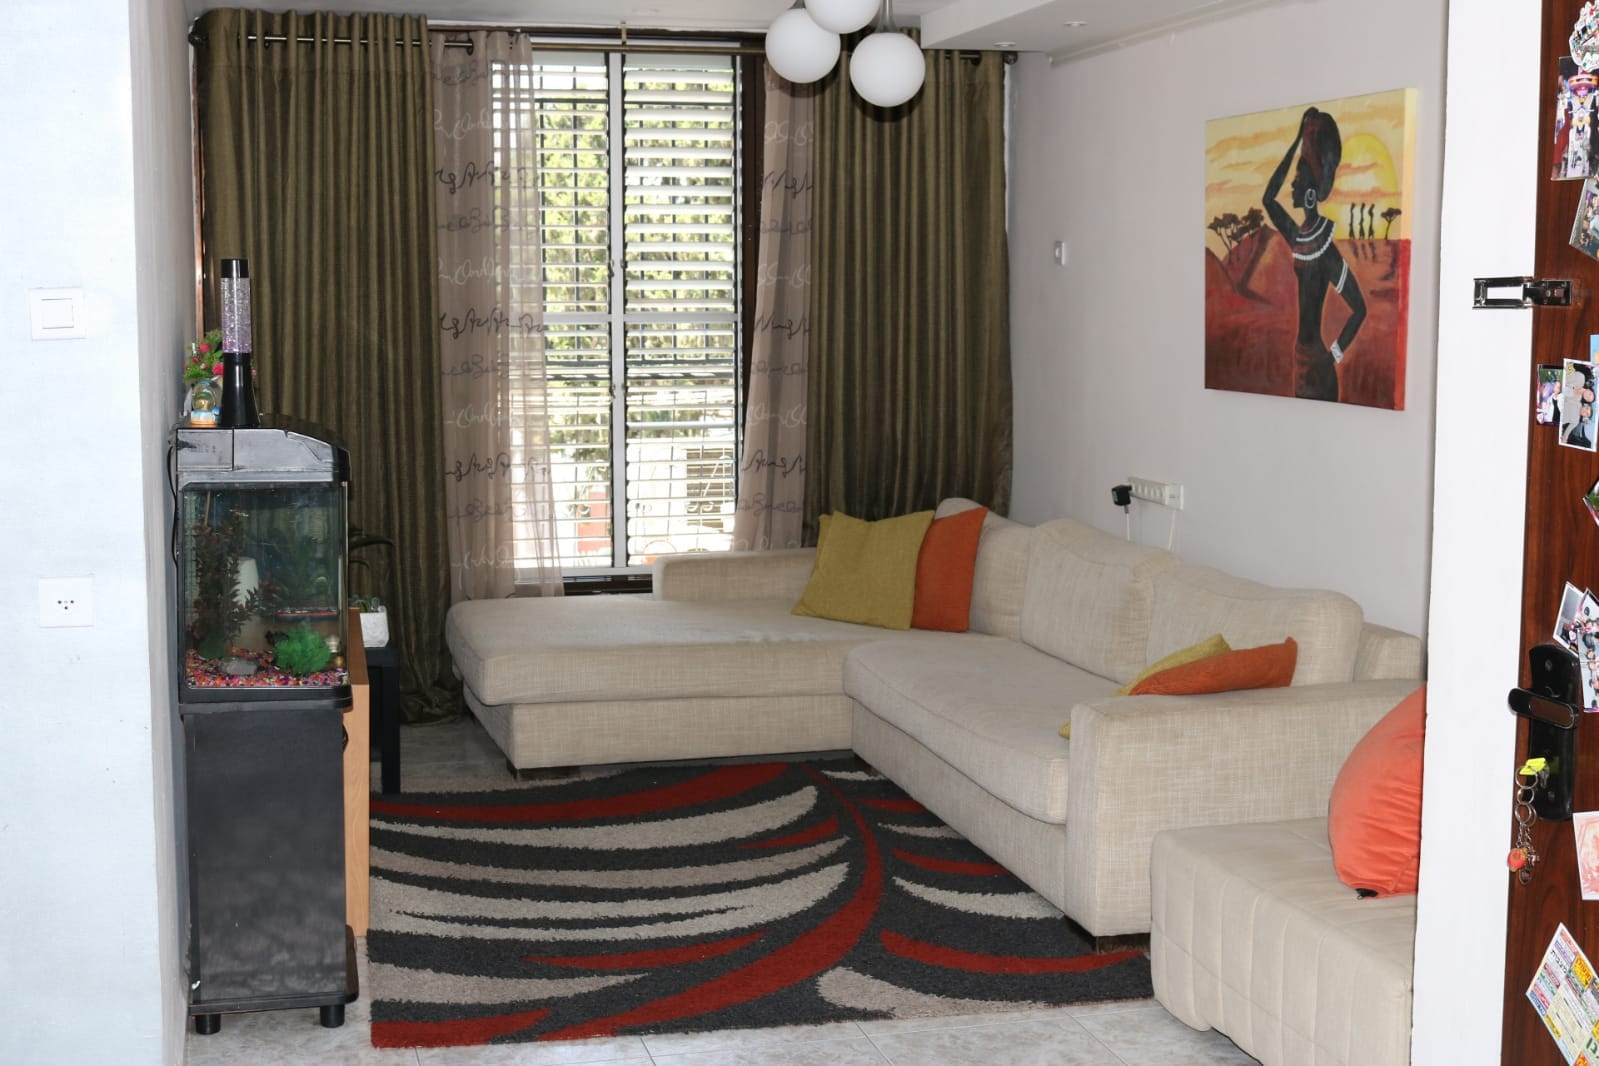 תל אביב דירה למכירה 3 חדרים 1,650,000₪, תל אביב